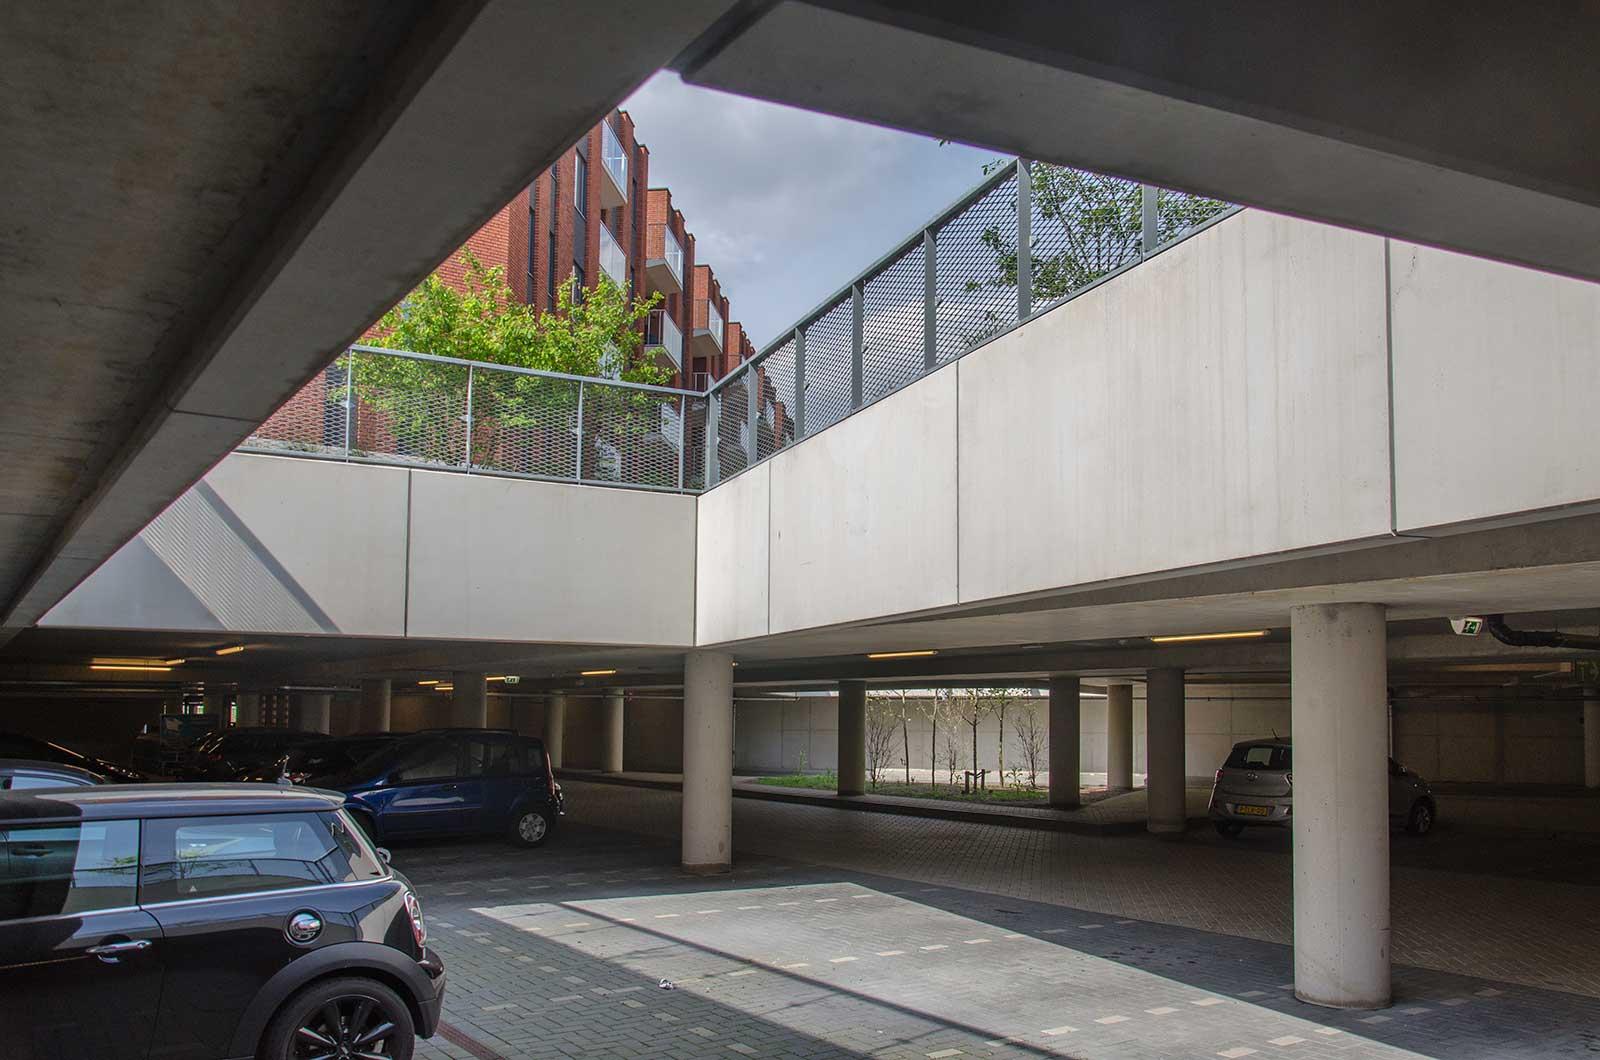 Parkeergarage in Meerrijk, Eindhoven, met beplanting en met openingen in het dak waardoor daglicht naar binnen komt